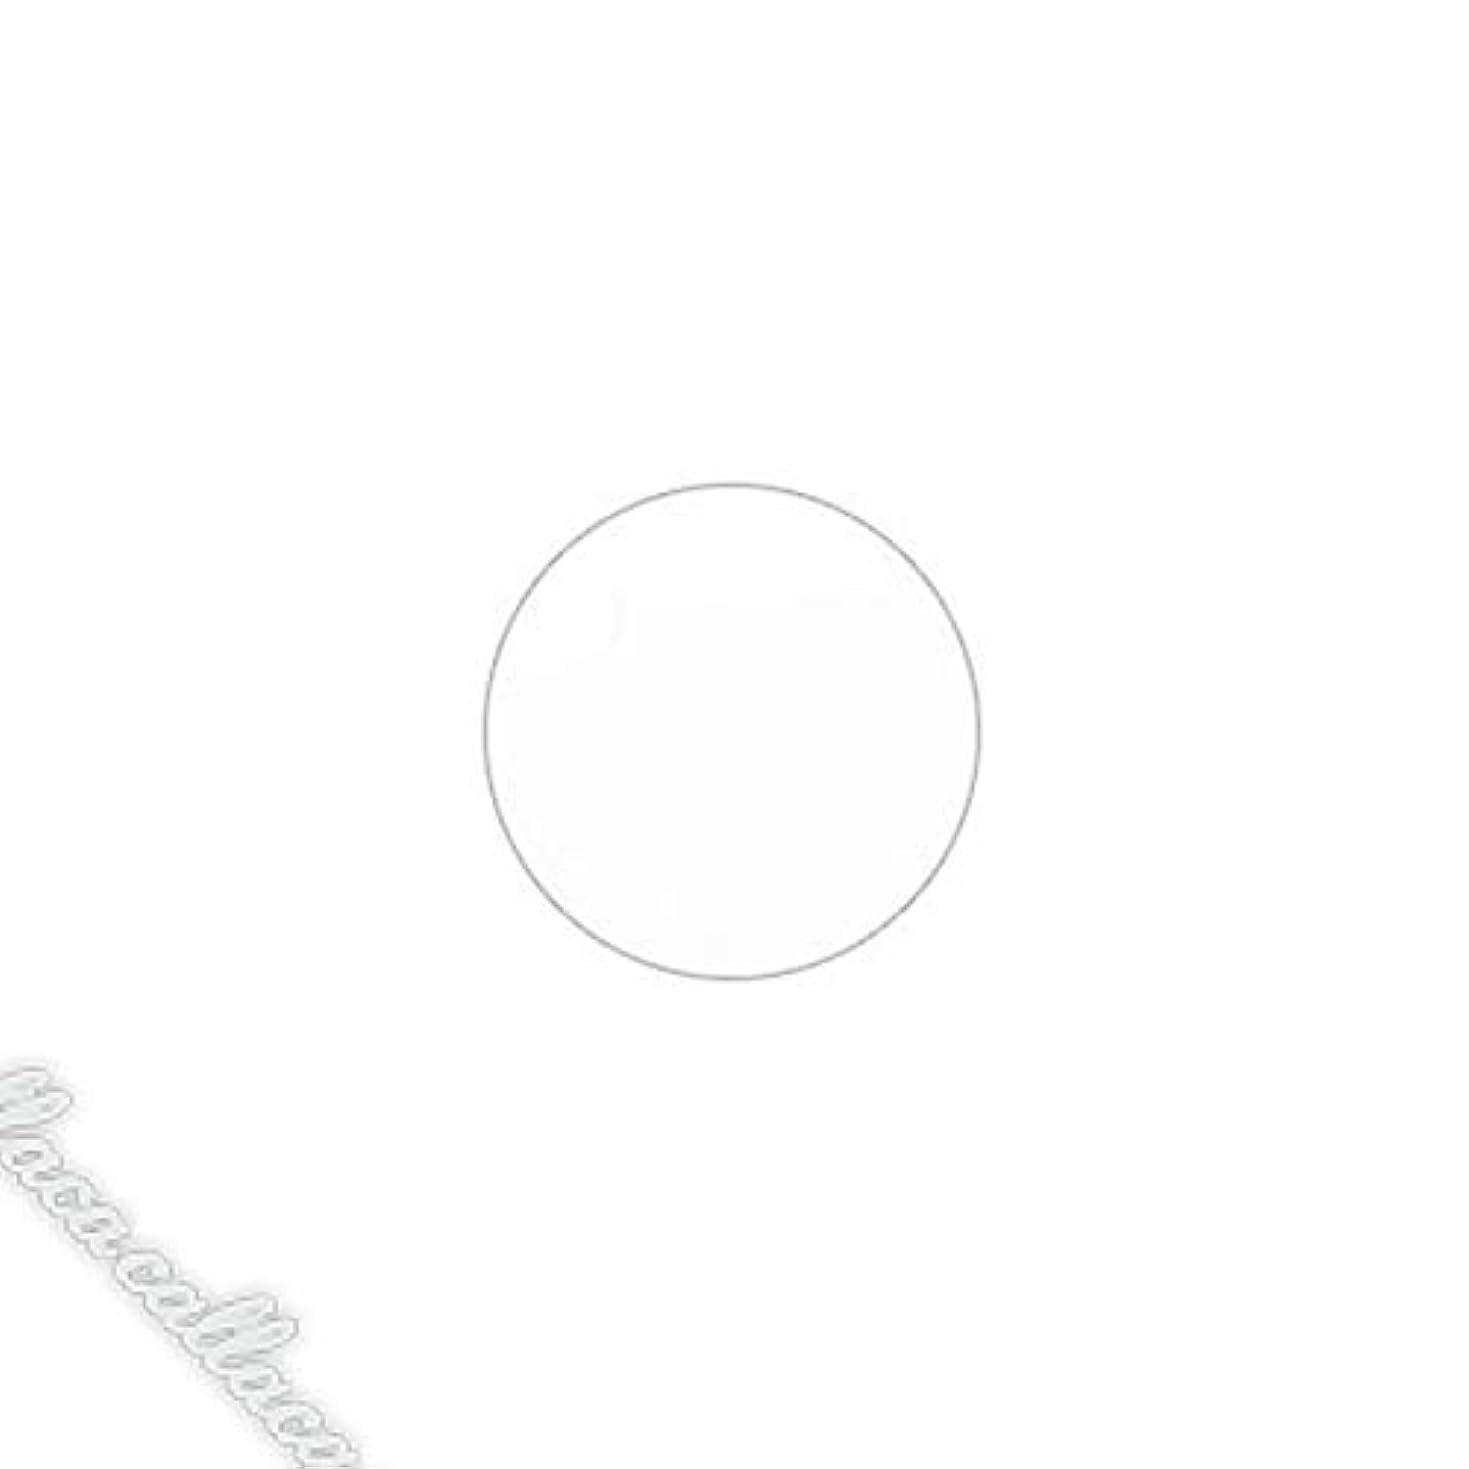 十分に計算する直径Putiel カラージェル Liner01 ホワイト